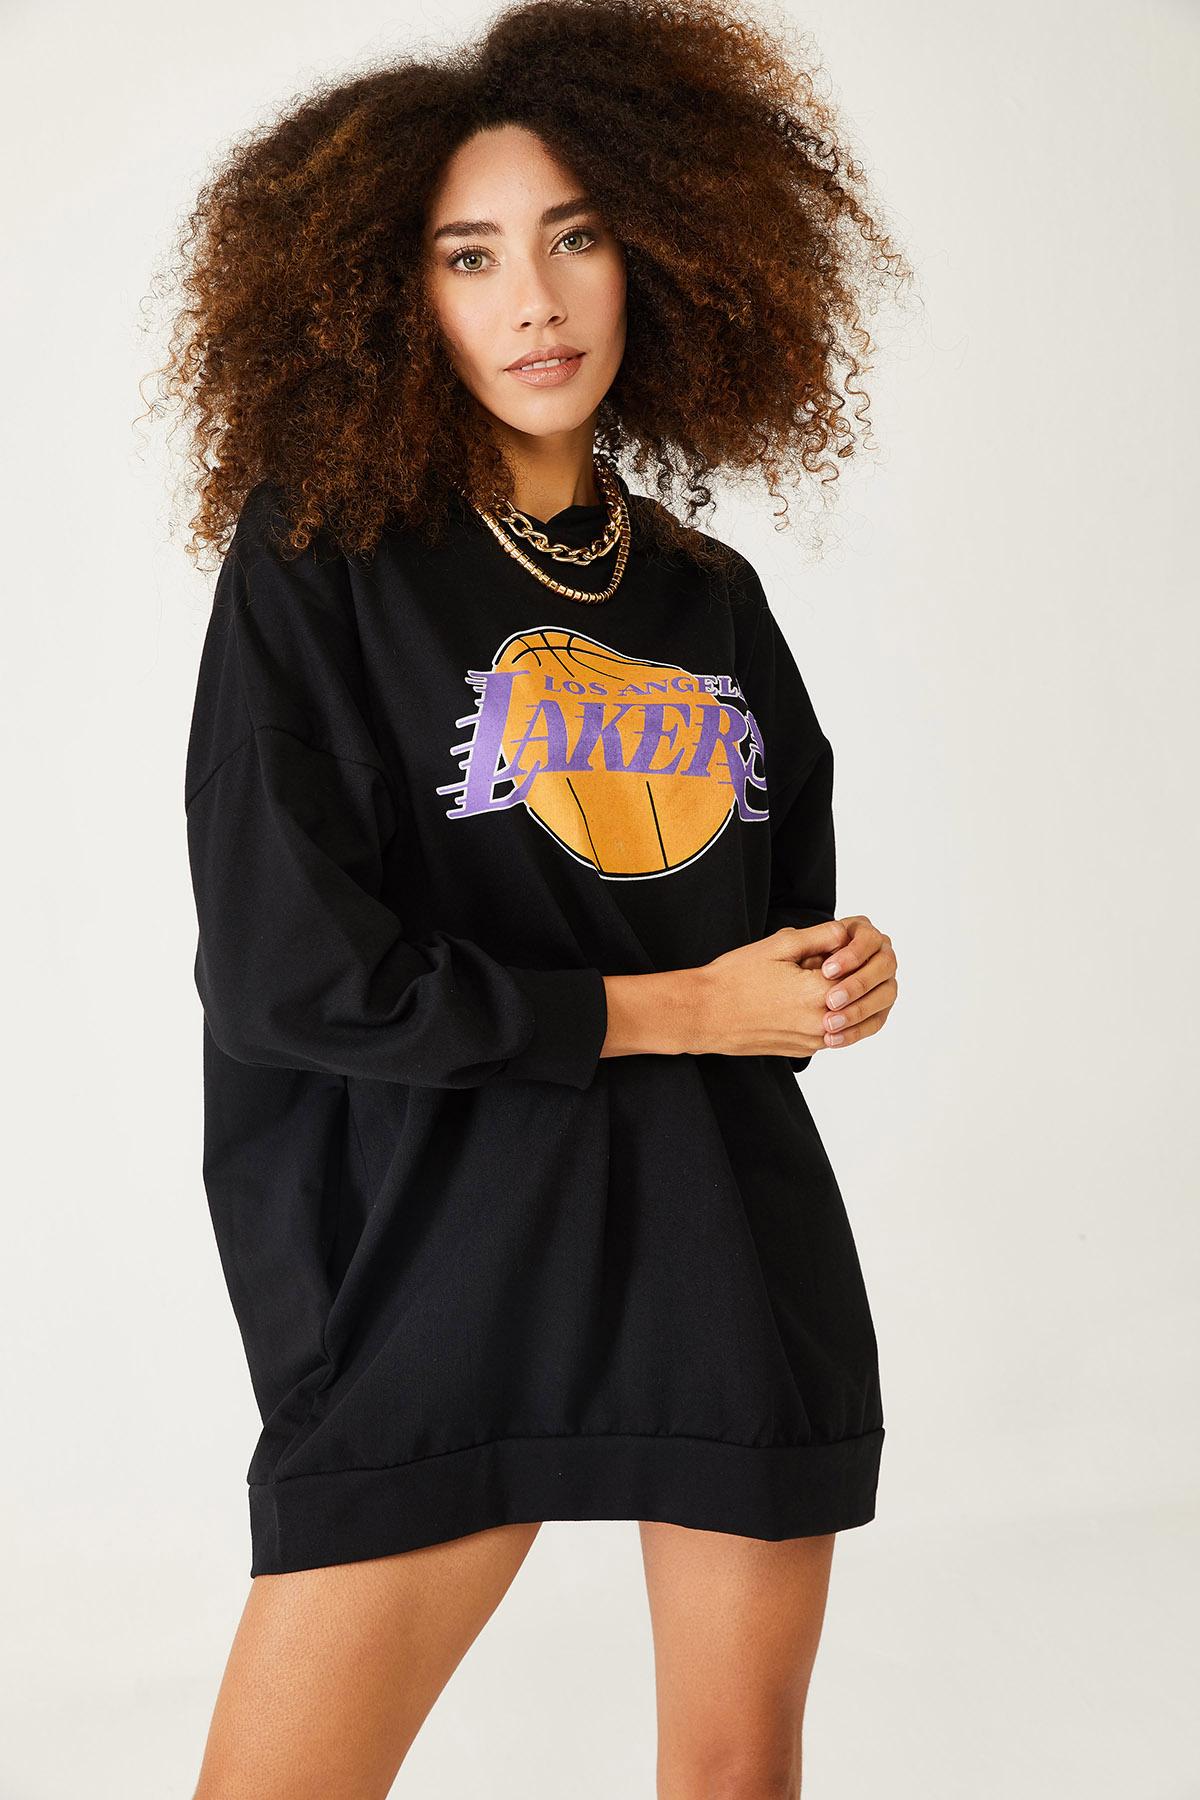 XHAN - Siyah Baskılı Kapüşonlu Uzun Oversize Sweatshirt 1KXK6-44418-02